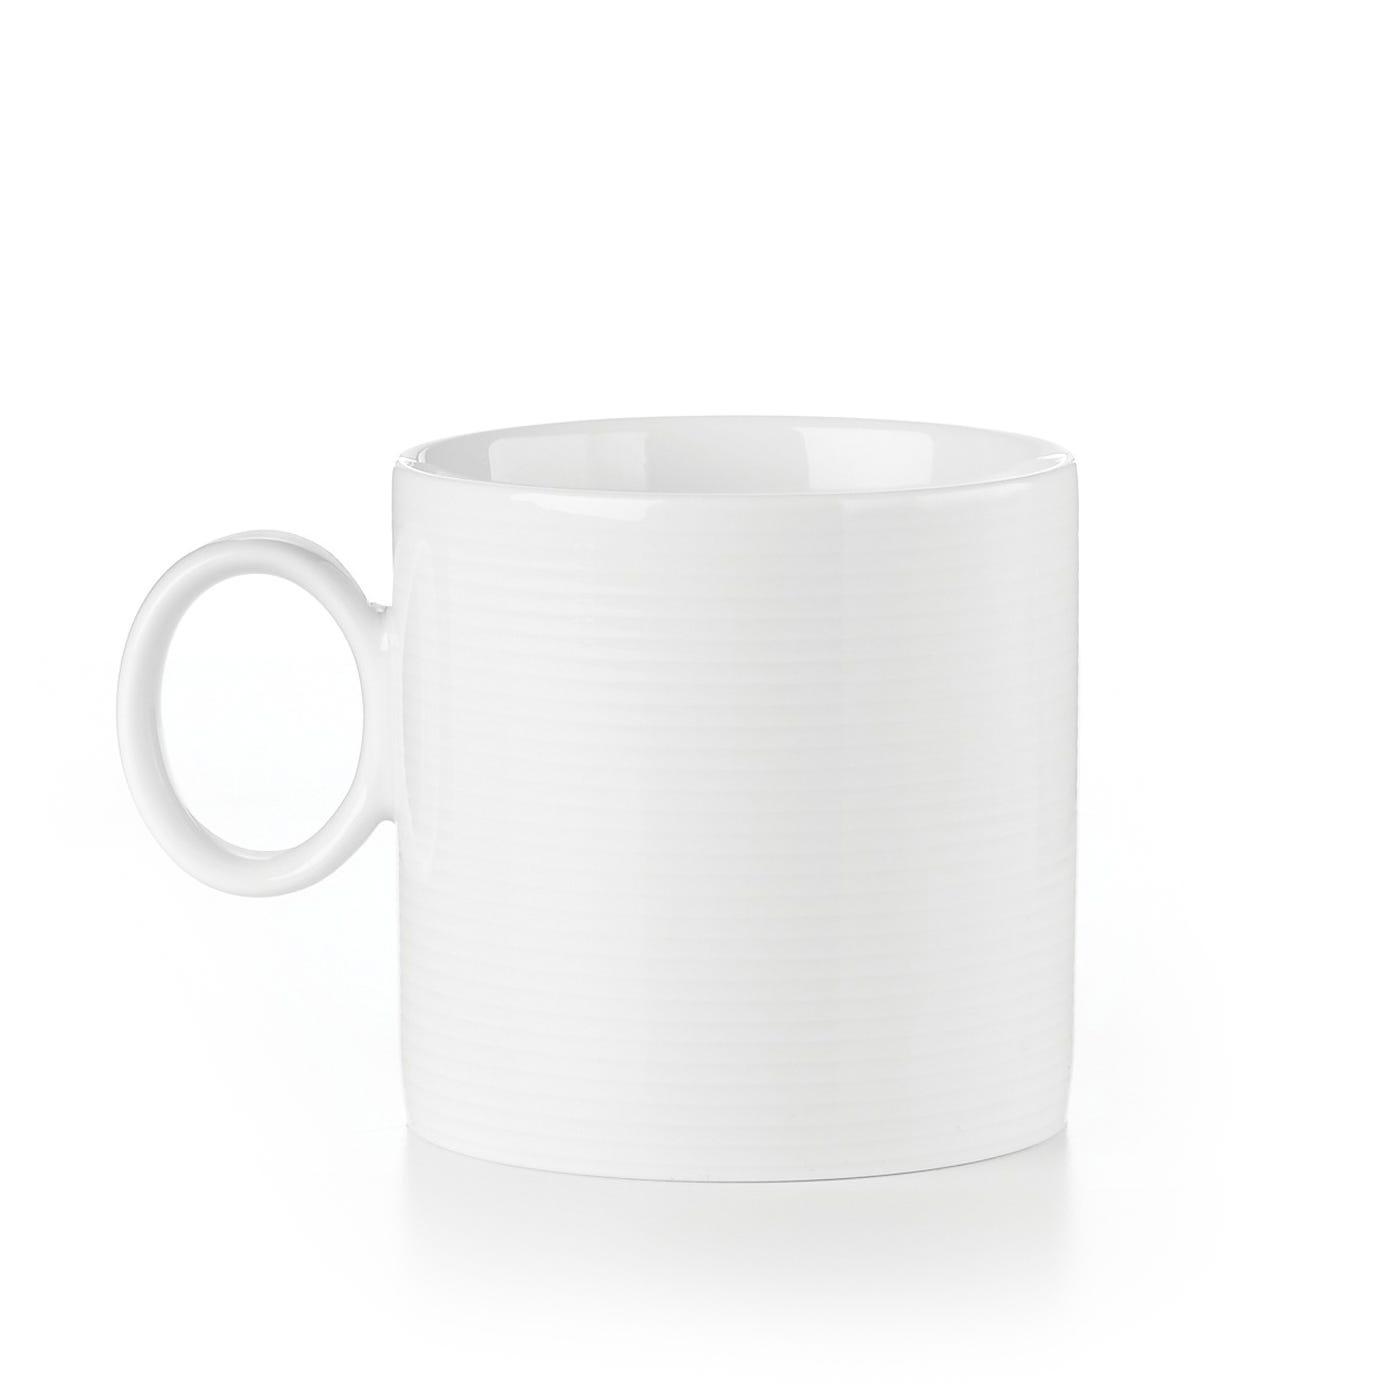 Loft white mug